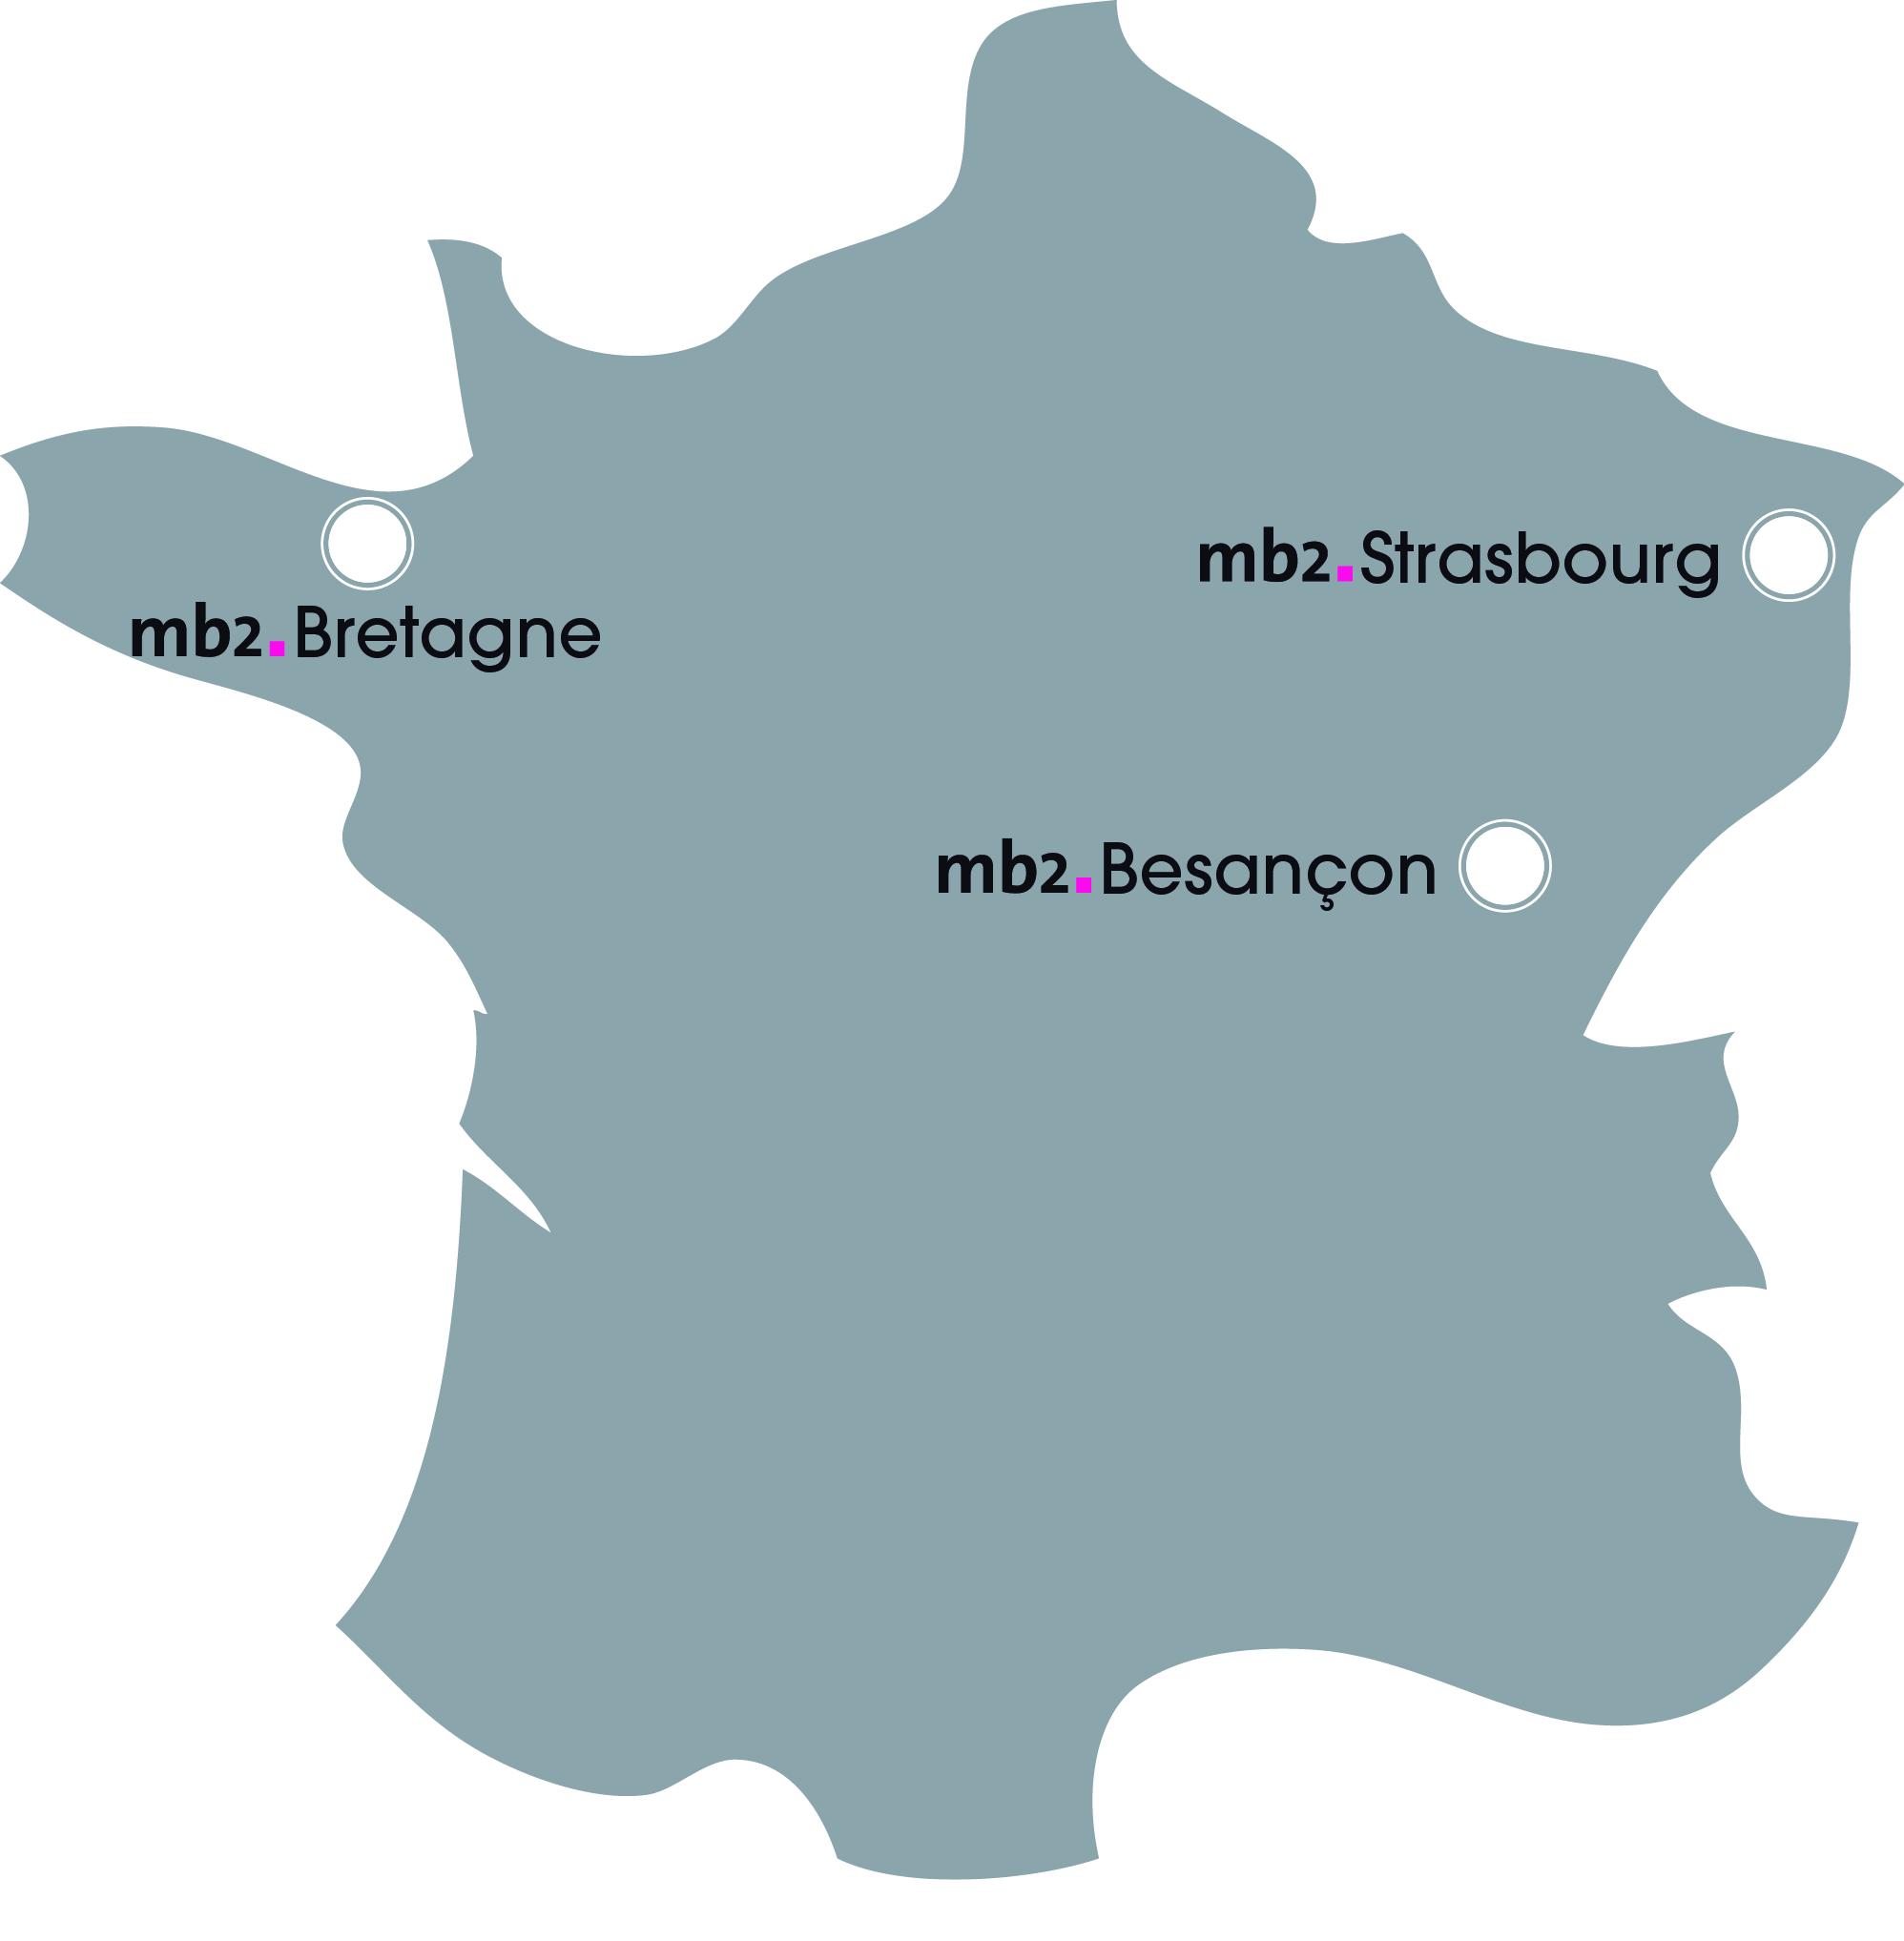 Carte de Frane - emplacement des boutiques mb2.fr